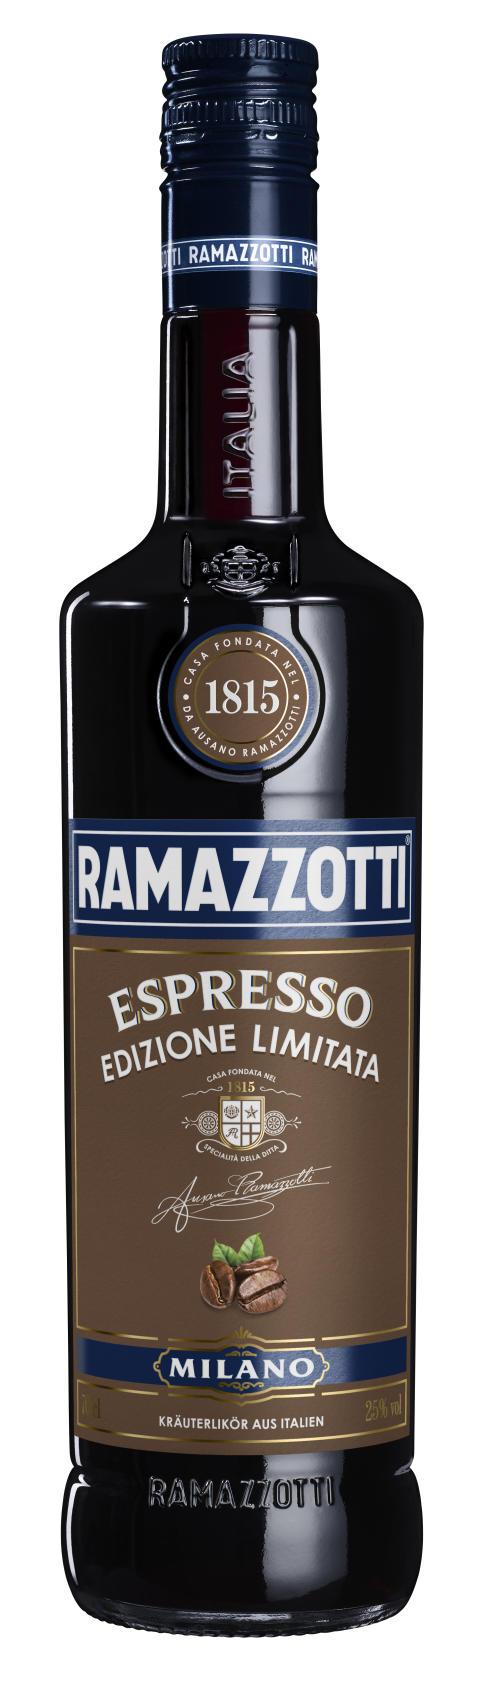 Ramazzotti_Espresso